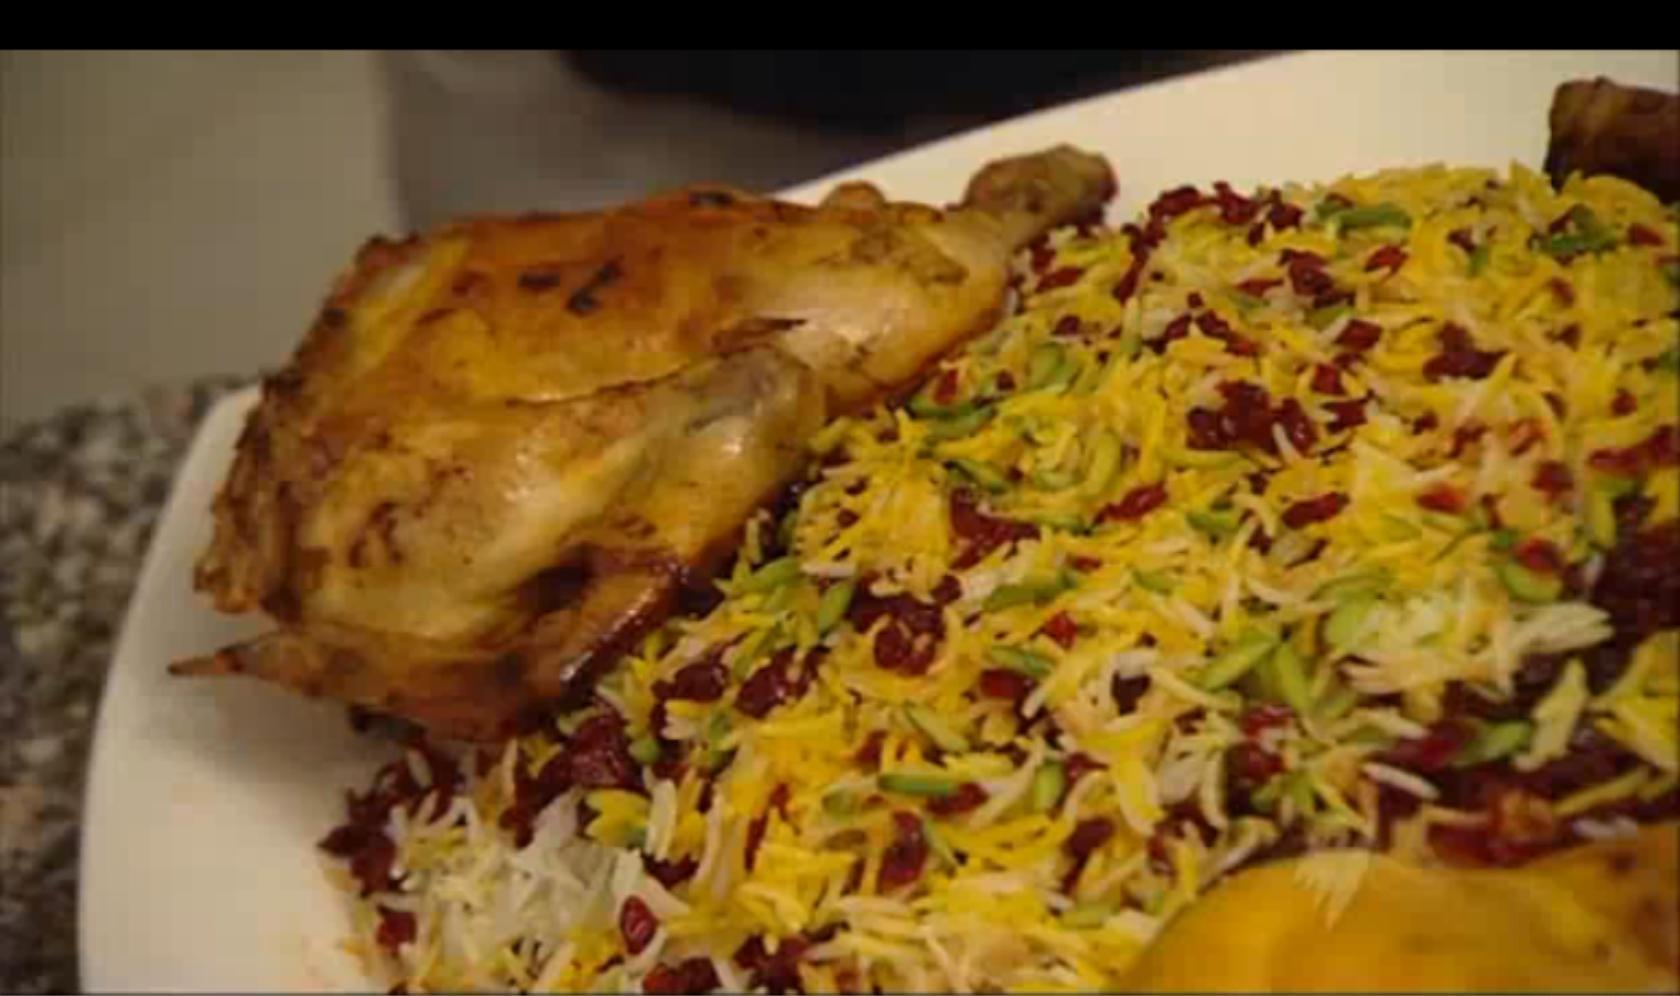 Cuisine Iranienne Mon Territoire - Cuisine iranienne